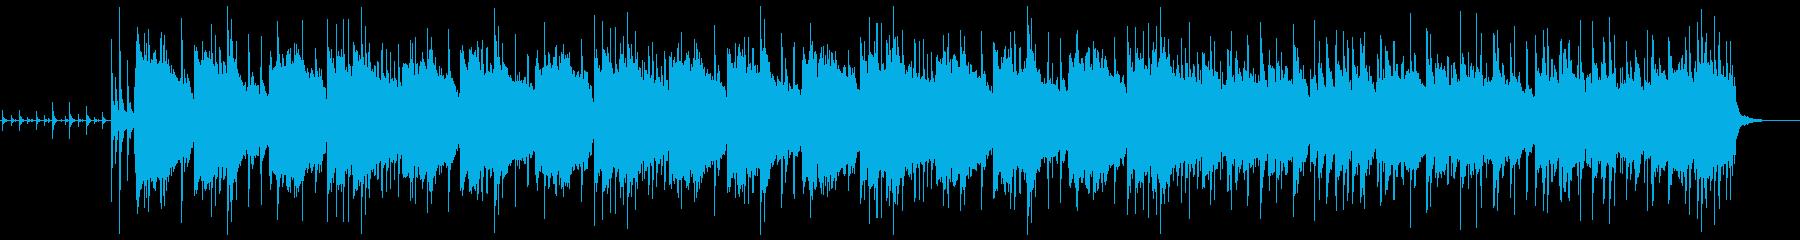 おしゃれで不思議な雰囲気のジャズなBGMの再生済みの波形